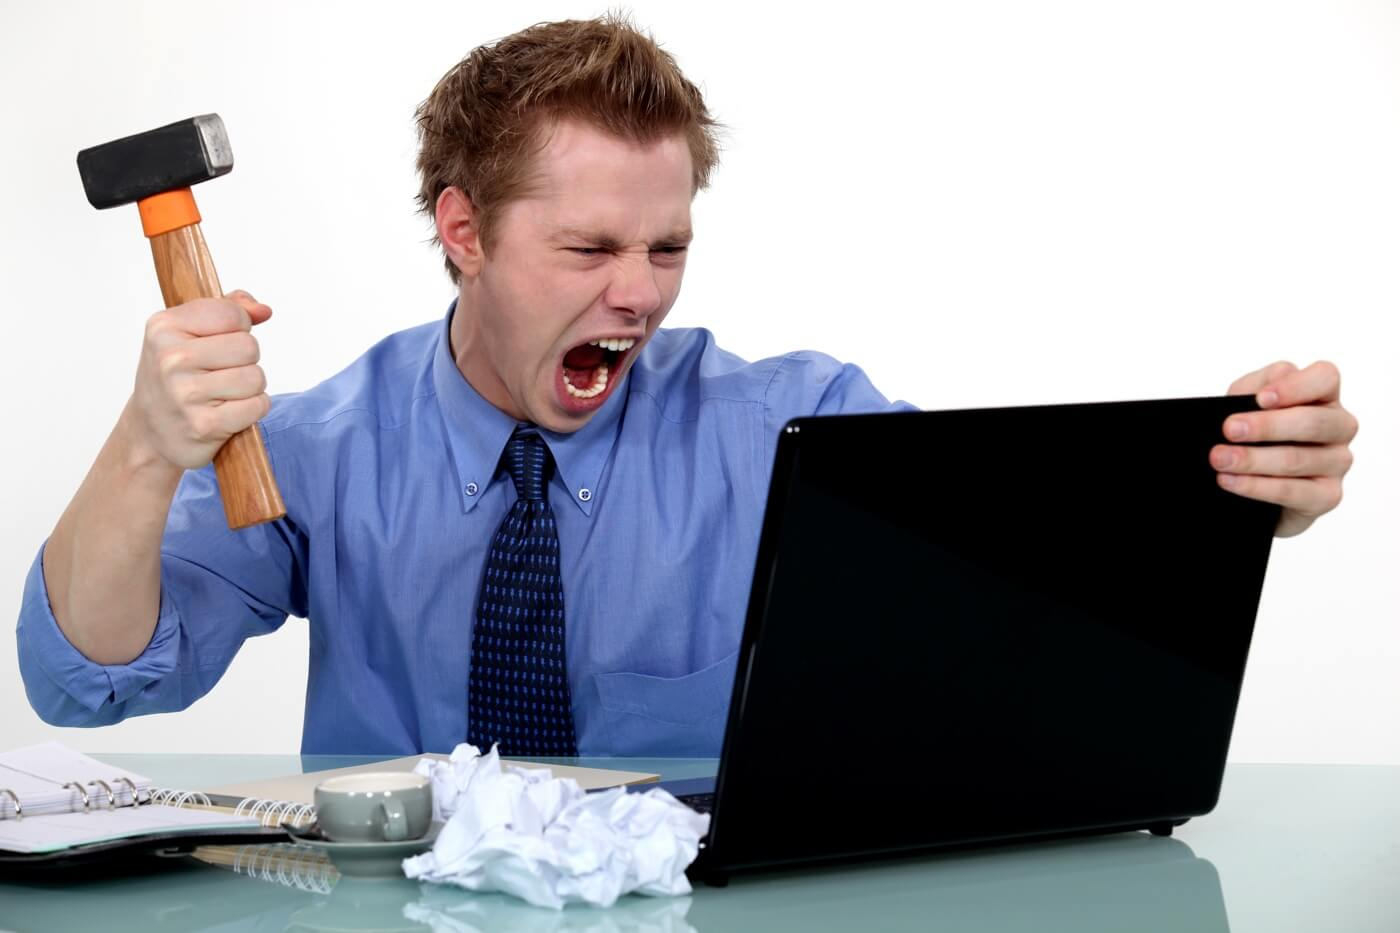 Undgå panik, mål dit annonce afkast